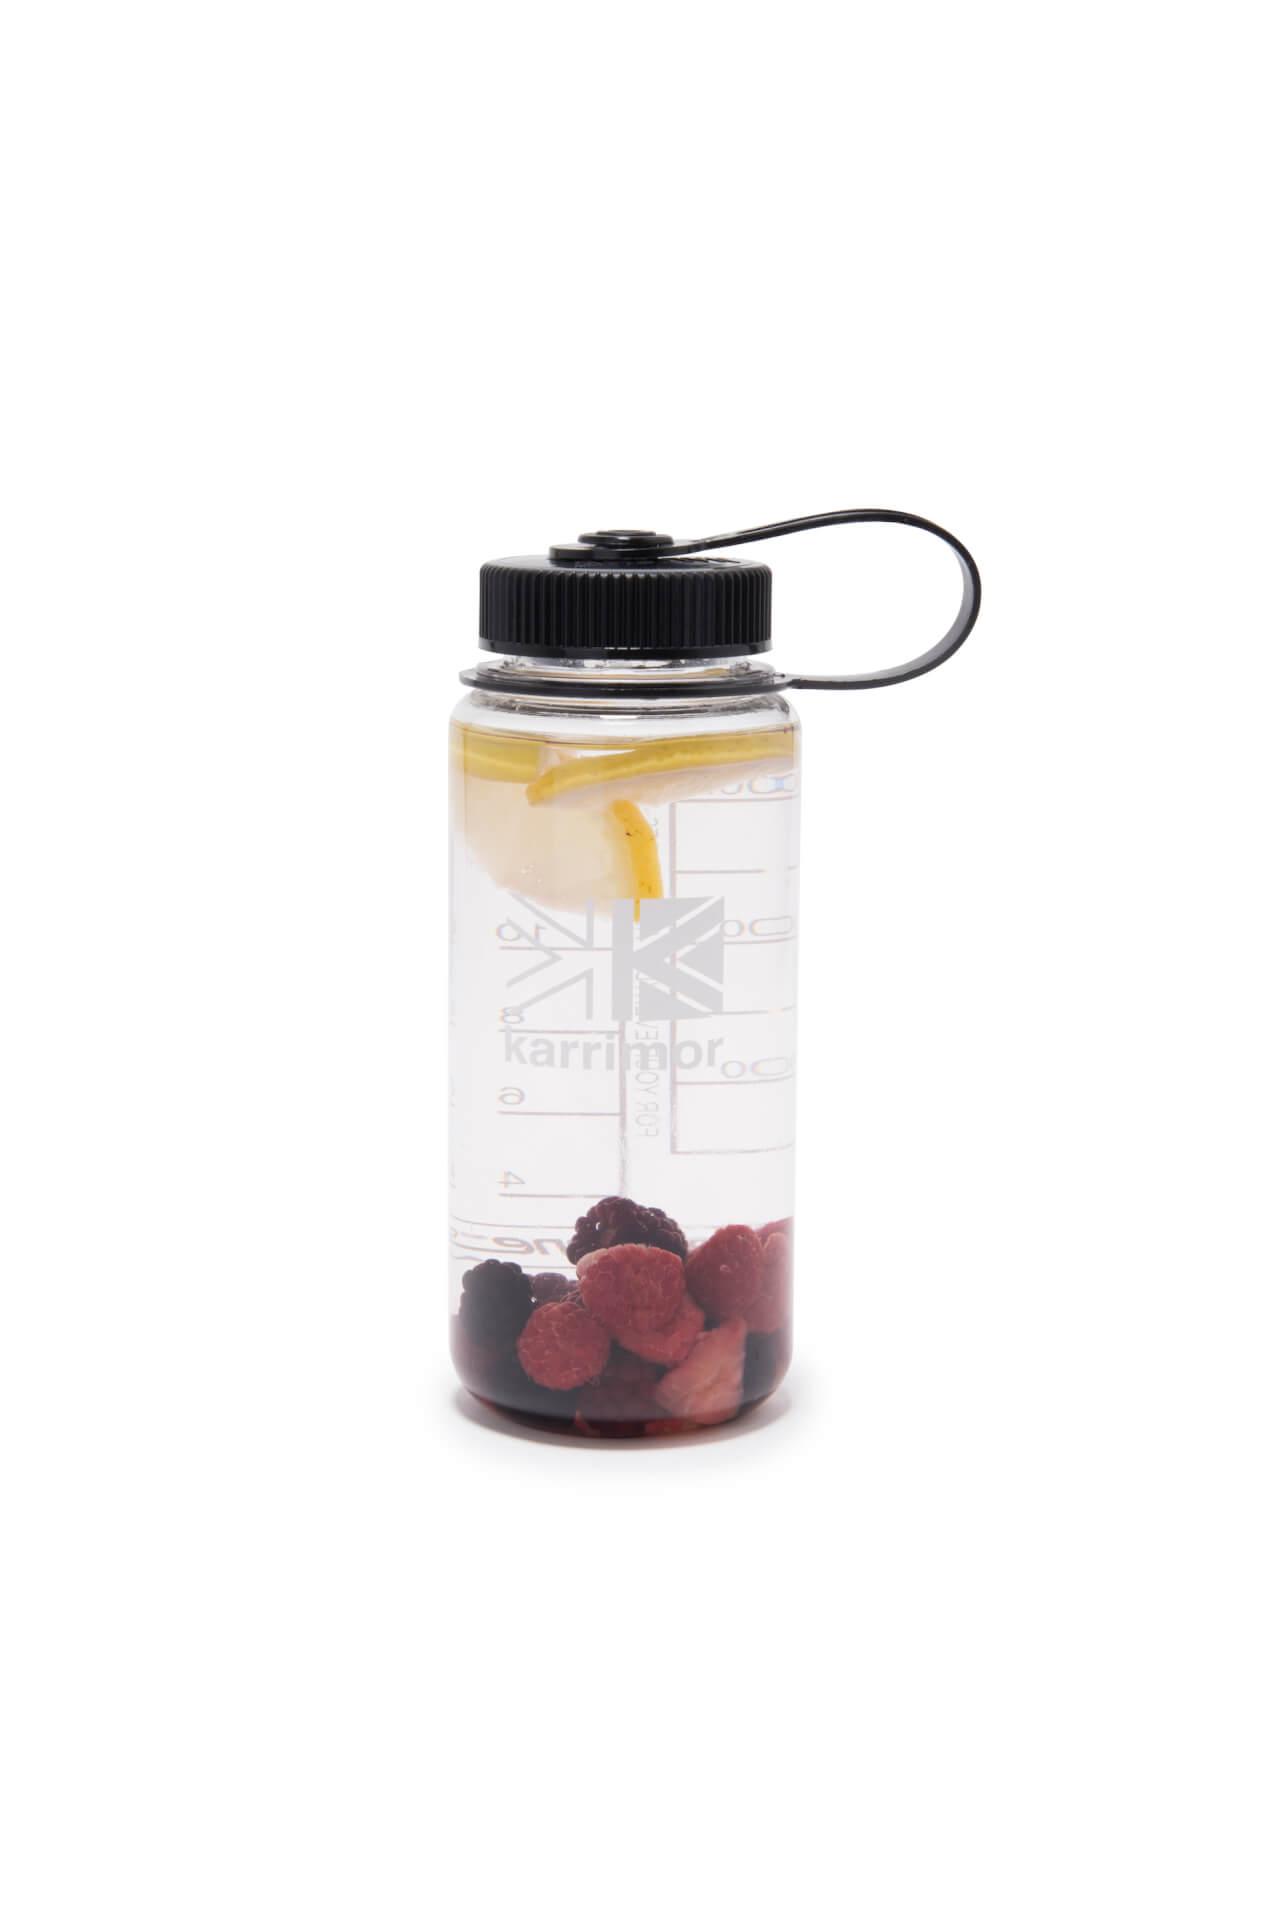 カリマーが無料給水サービスにも利用できるボトルを発売!Nalgenとのコラボアイテム life210601_karrimor_bottle_7